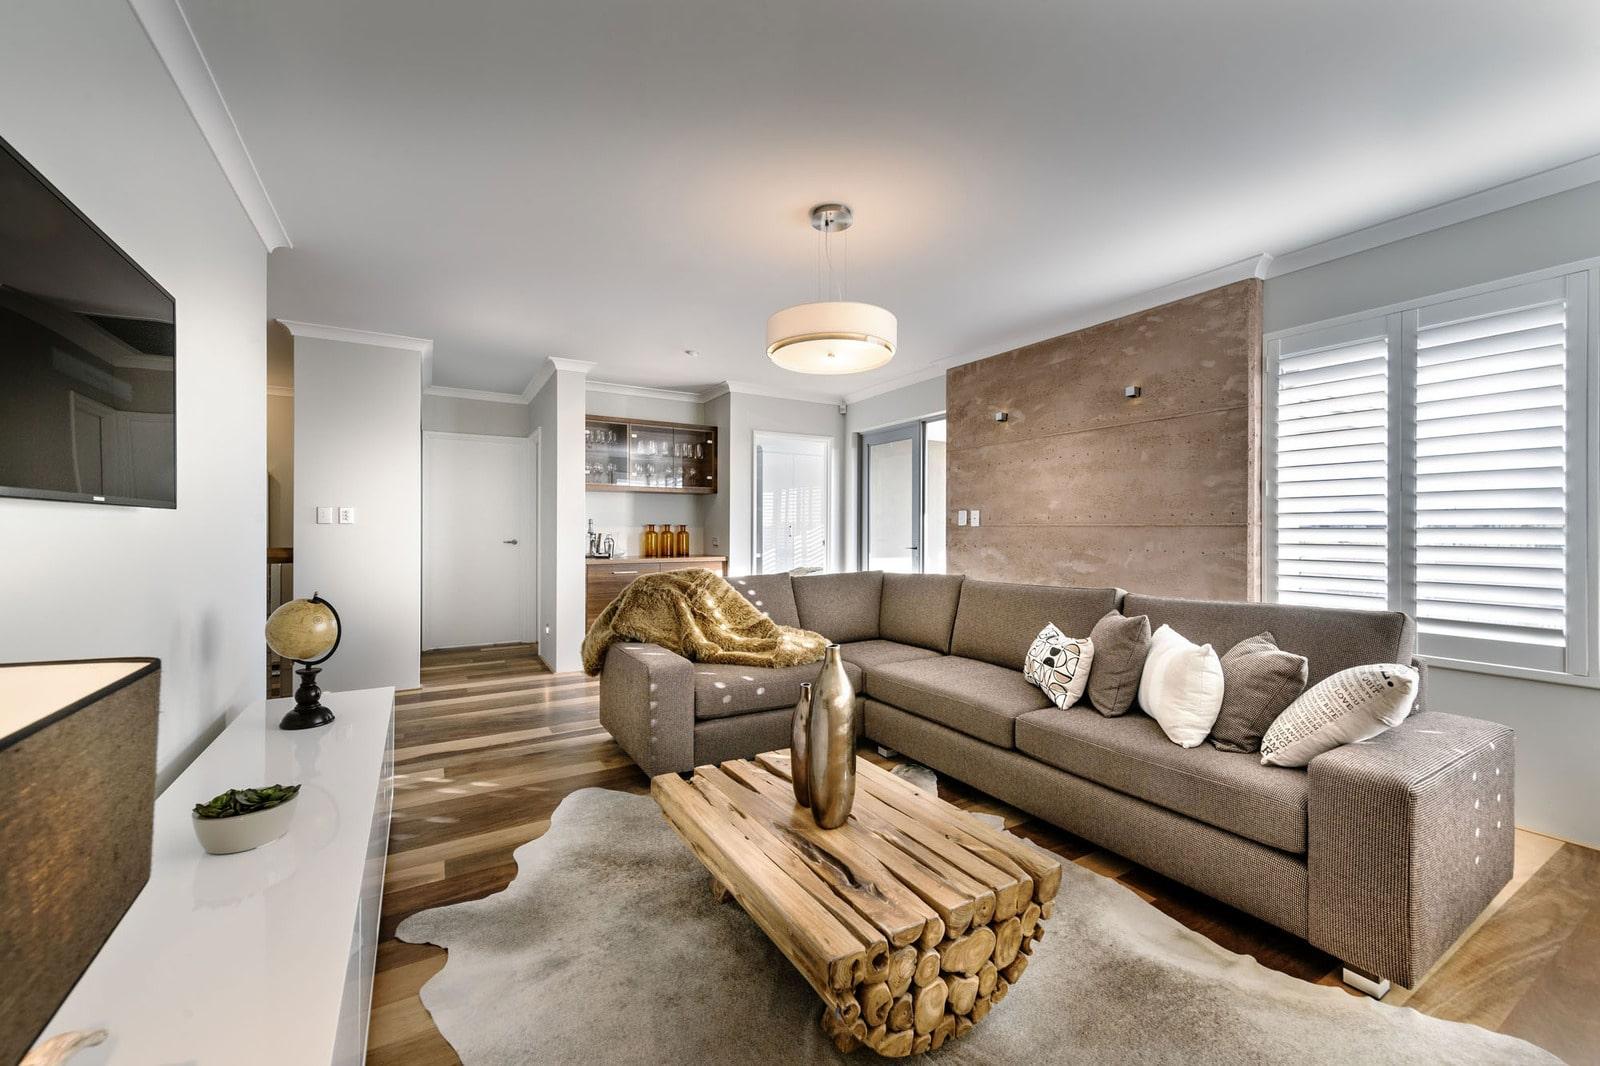 Dise o de casa moderna de dos pisos fachada e interiores for Adornos decoracion de interiores